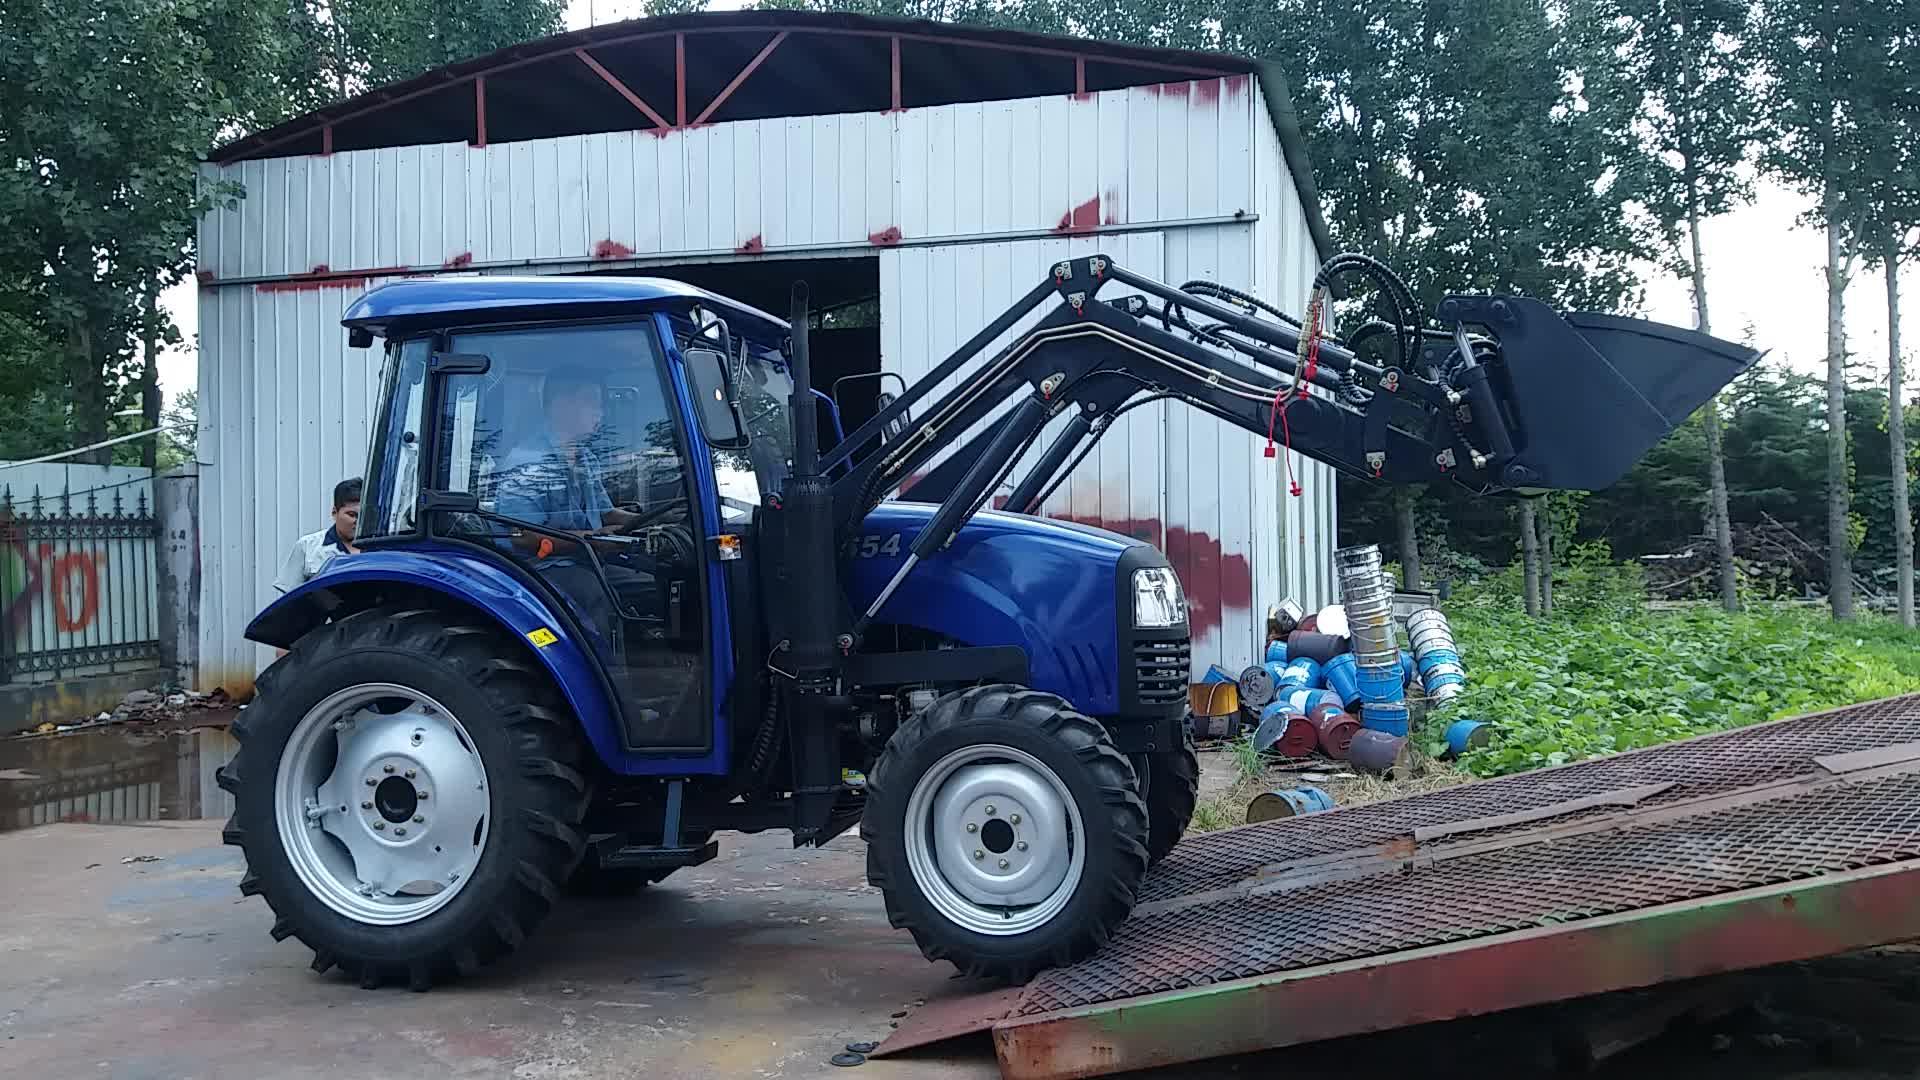 704 70HP trung quốc giá rẻ trang trại bãi cỏ máy kéo với kết thúc trước bộ nạp và backhoe